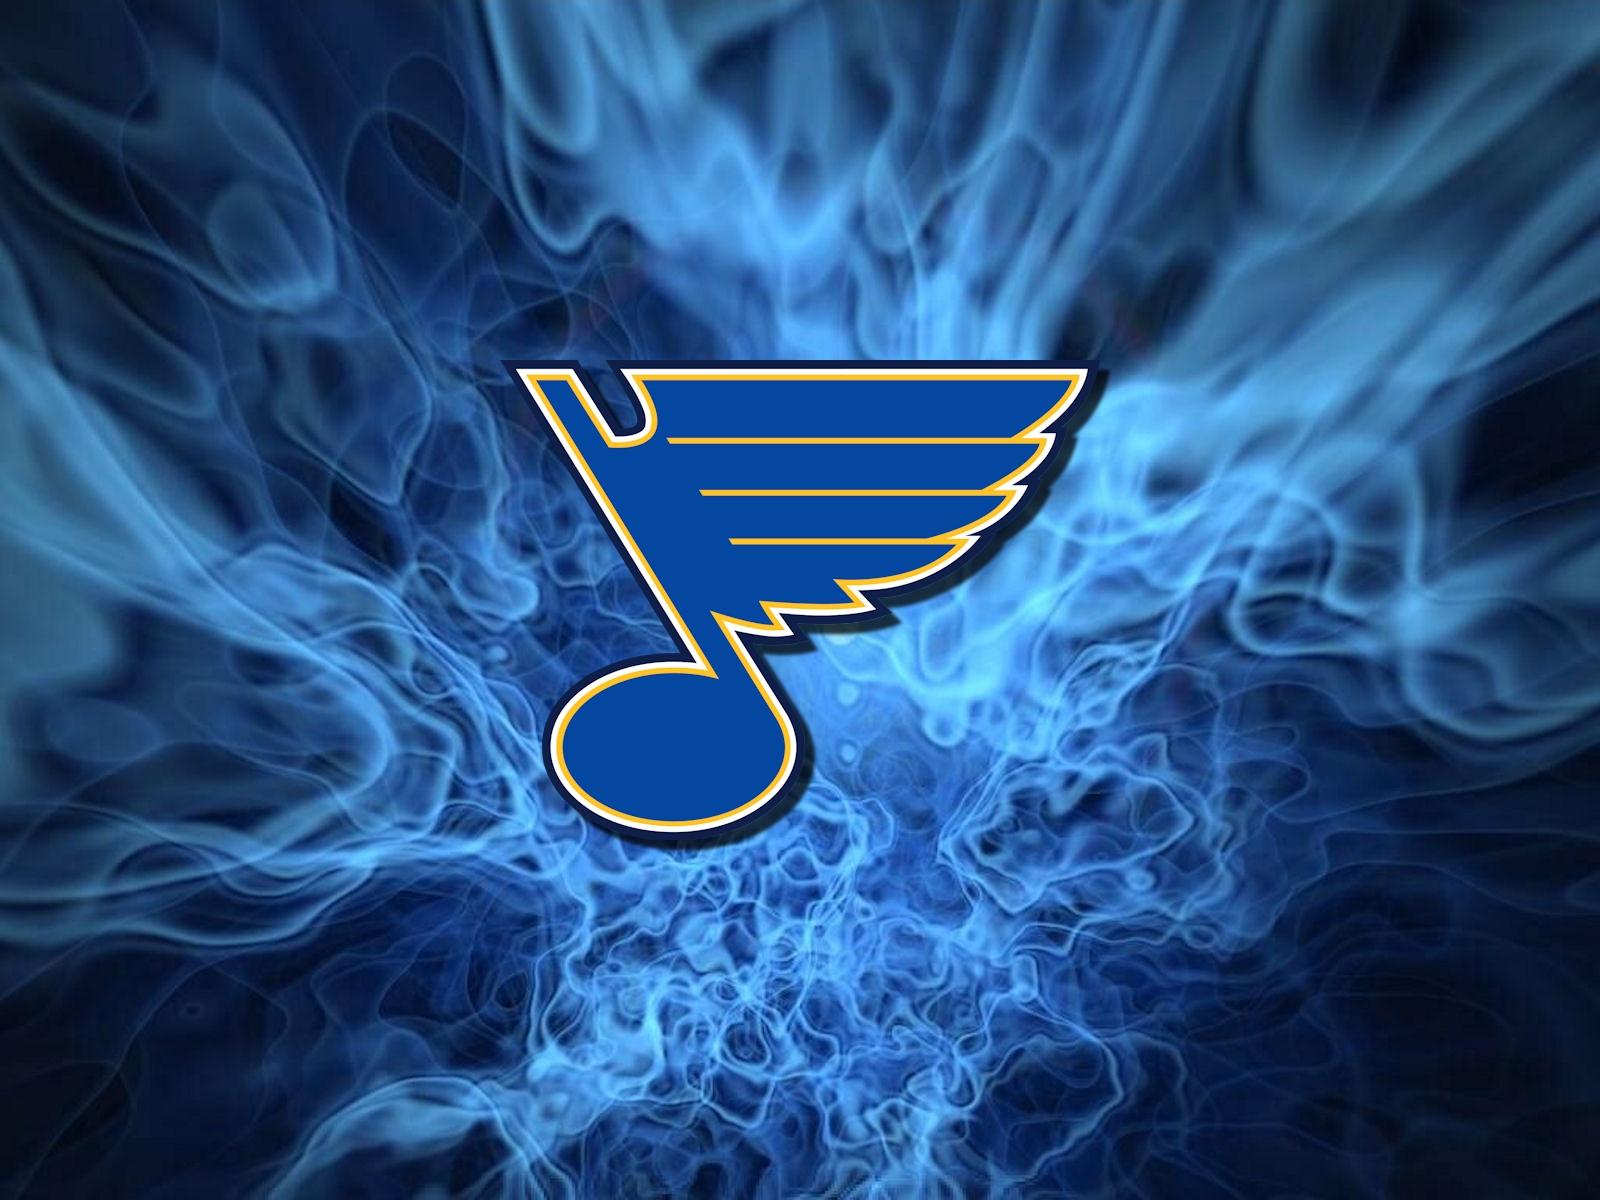 st louis blues team logo hd view st louis blues hockey logo view st 1600x1200